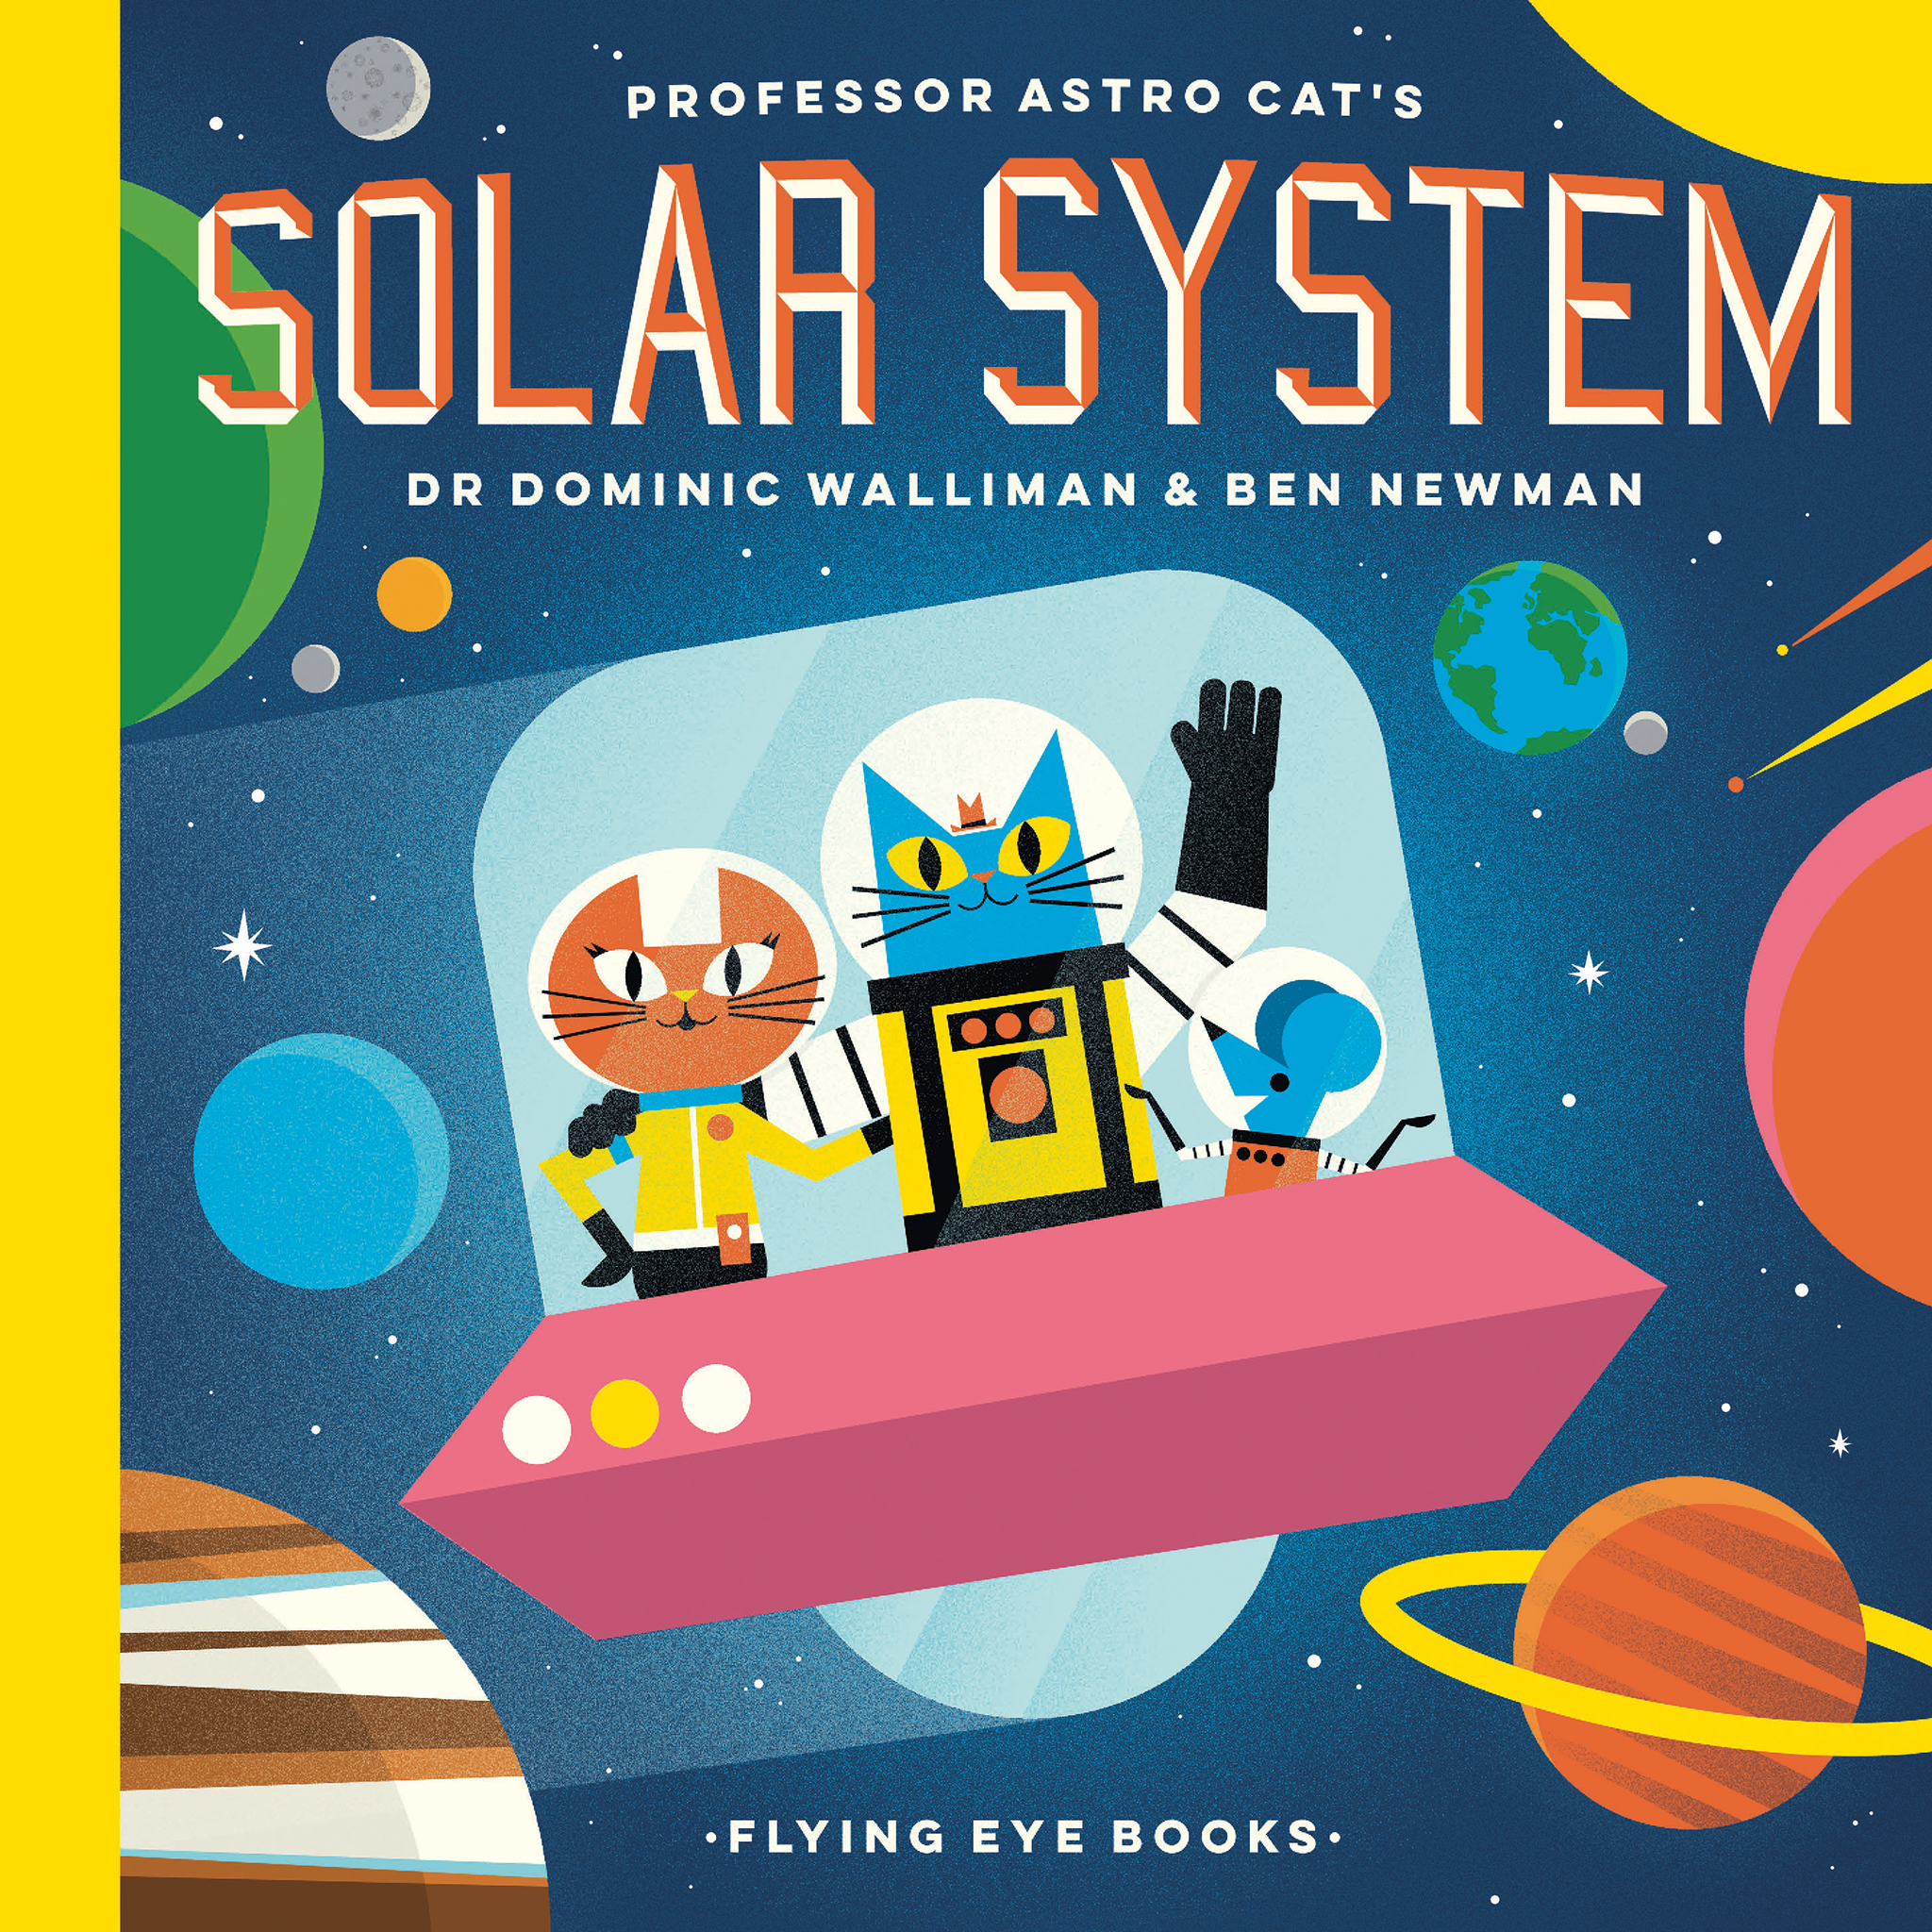 Professor Astro Cat's Solar System